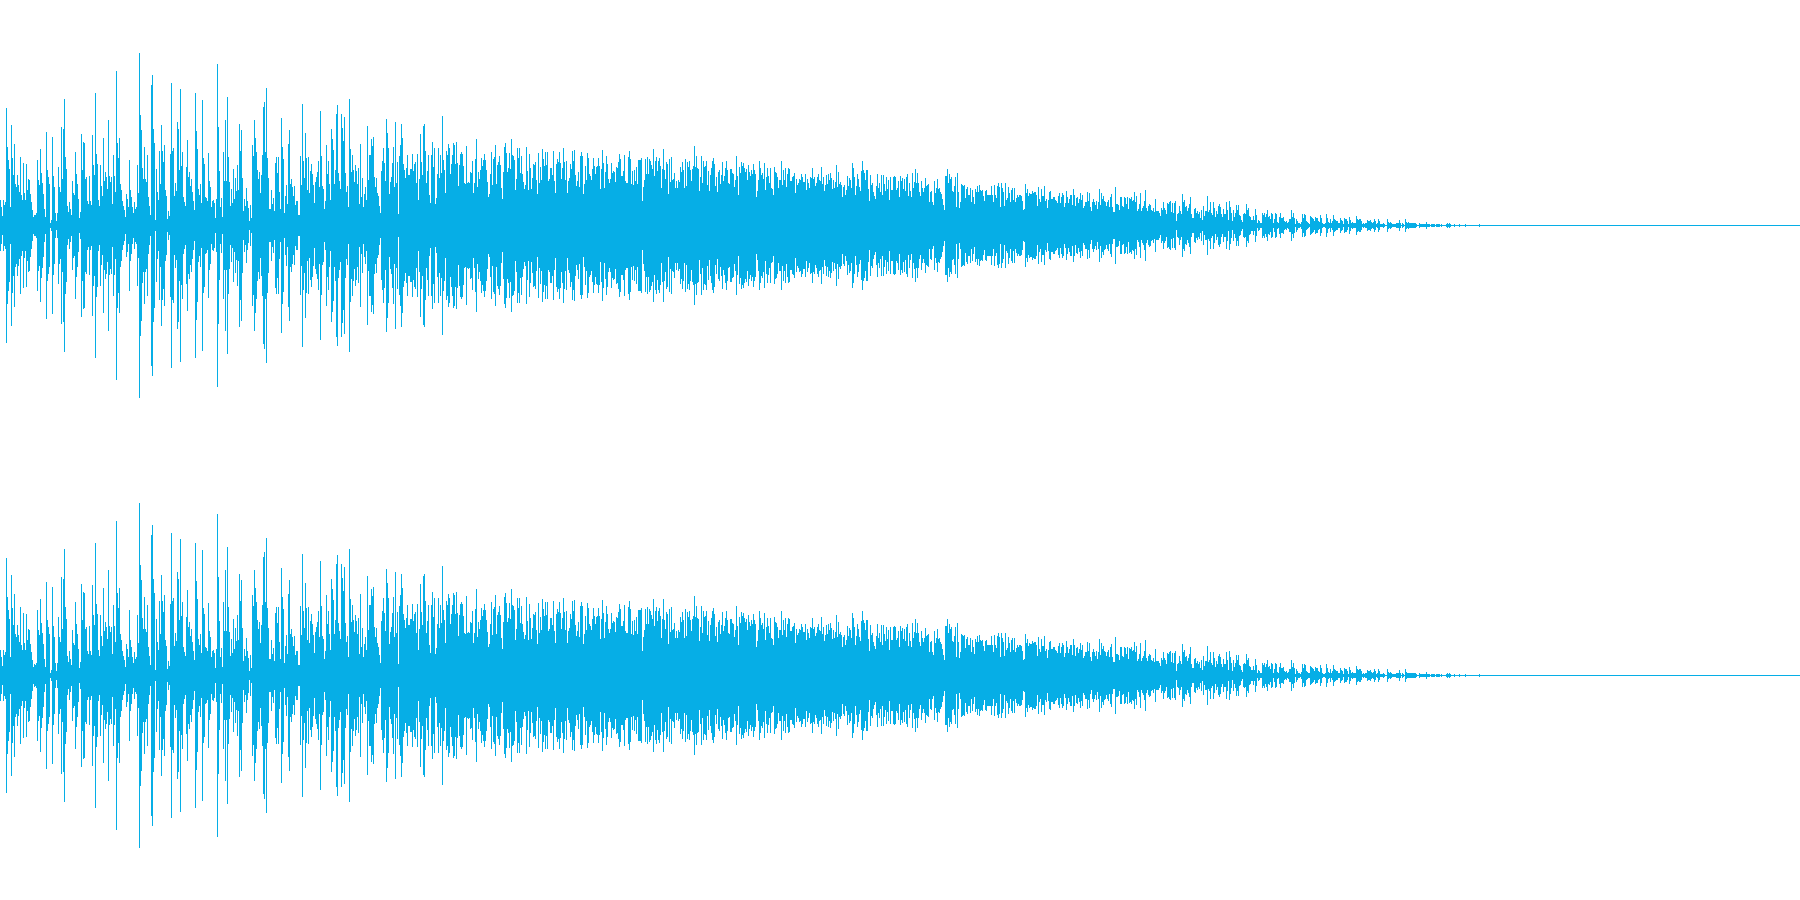 ザシュッ(斬撃/ひっかき/攻撃)の再生済みの波形